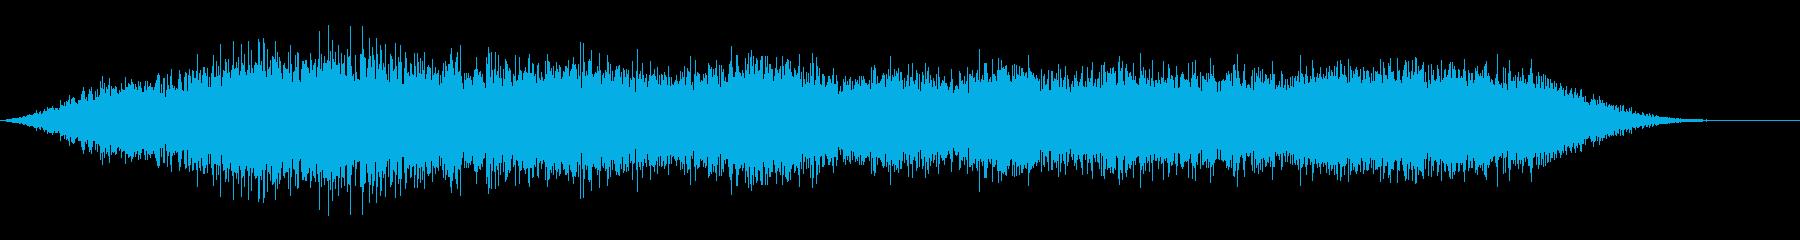 風(環境音)_やや強め_000の再生済みの波形